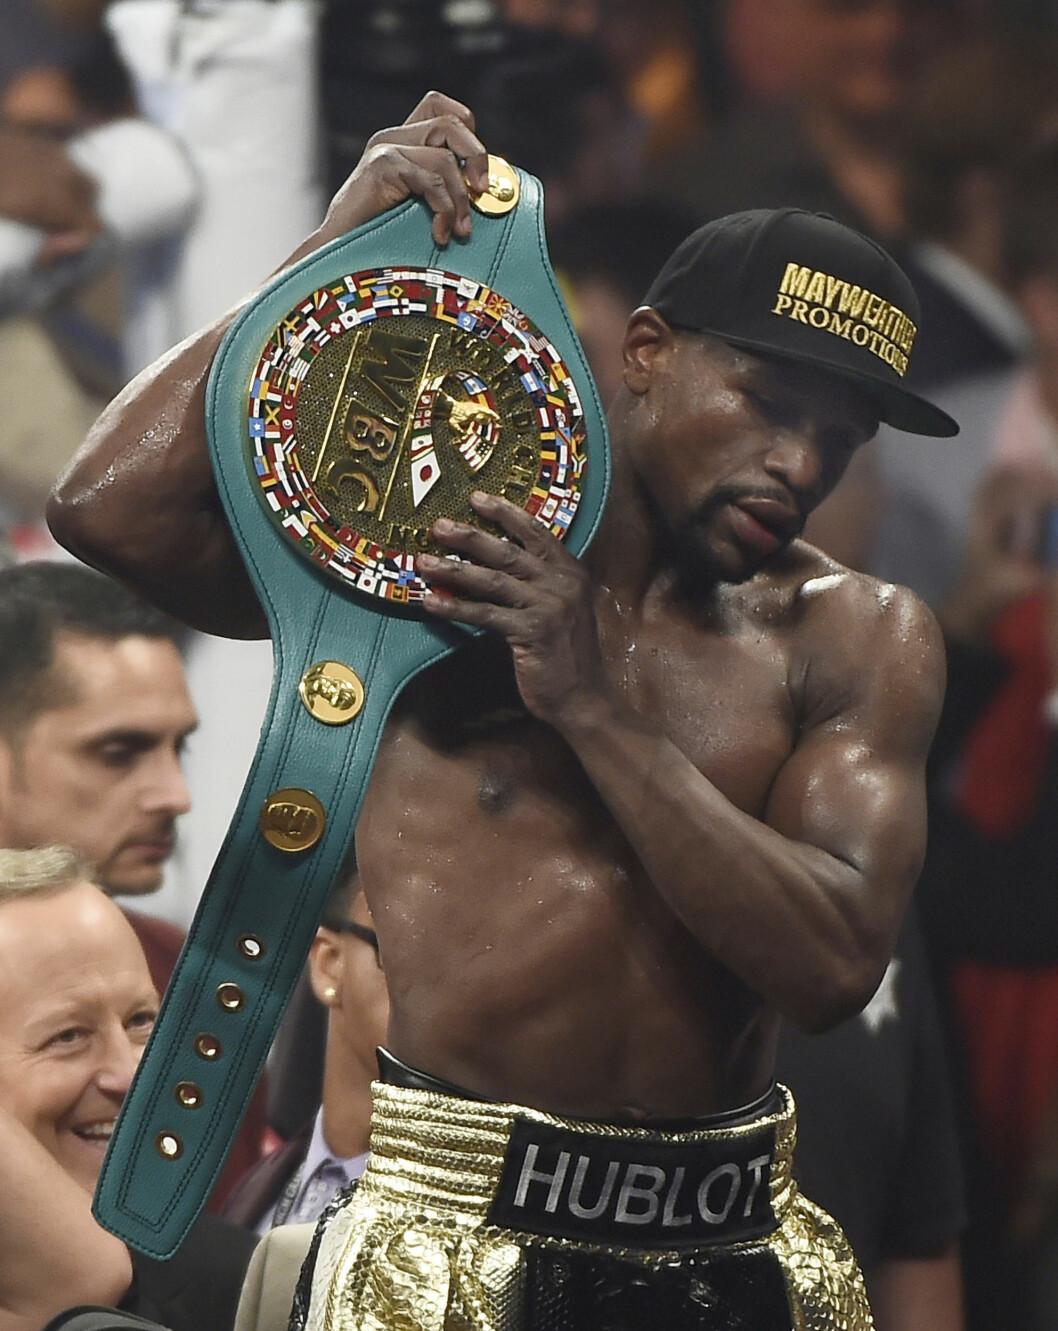 SEIERHERRE: Floyd Mayweather, Jr. gikk av med seieren etter 12 runder mot Manny Pacquiao på boksearenaen i MGM Grand Hotel. Foto: Polaris